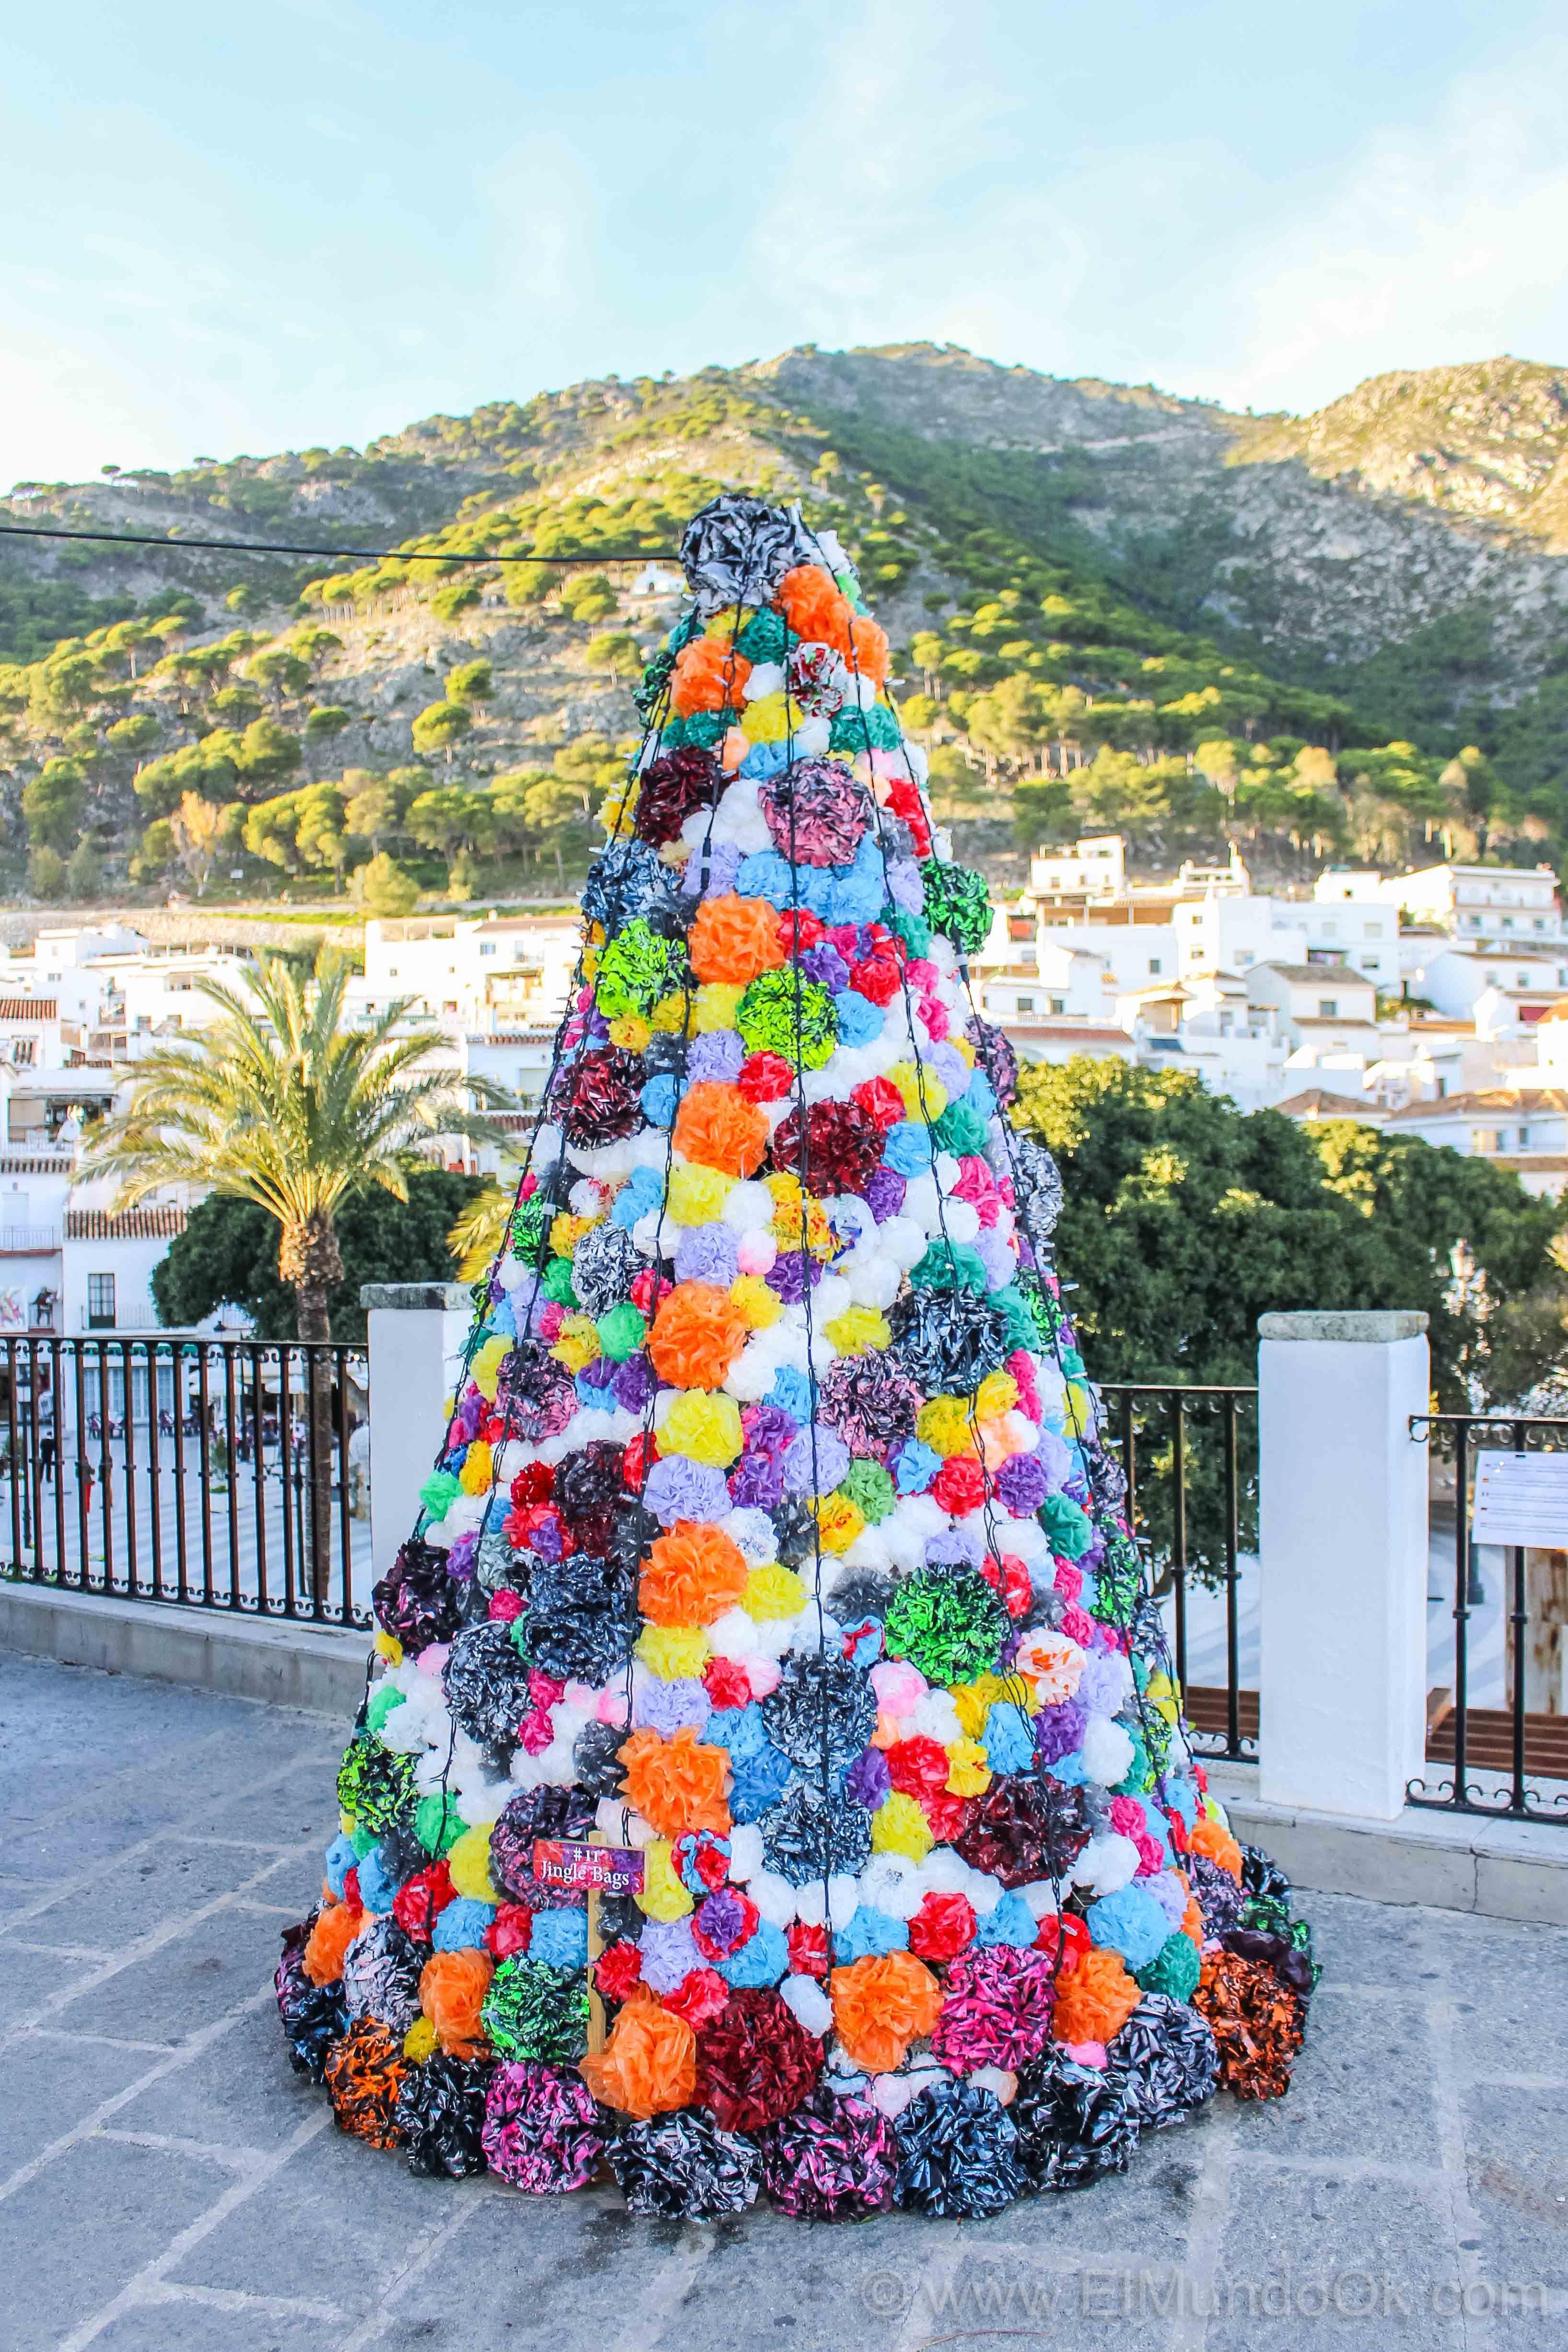 Feliz Navidad Con Este árbol Muy Especial De Bolsas De Plástico Reciclados Mijas Pueblo Reutilizar Botellas De Plástico Navidad Bolsas De Plástico Reciclado